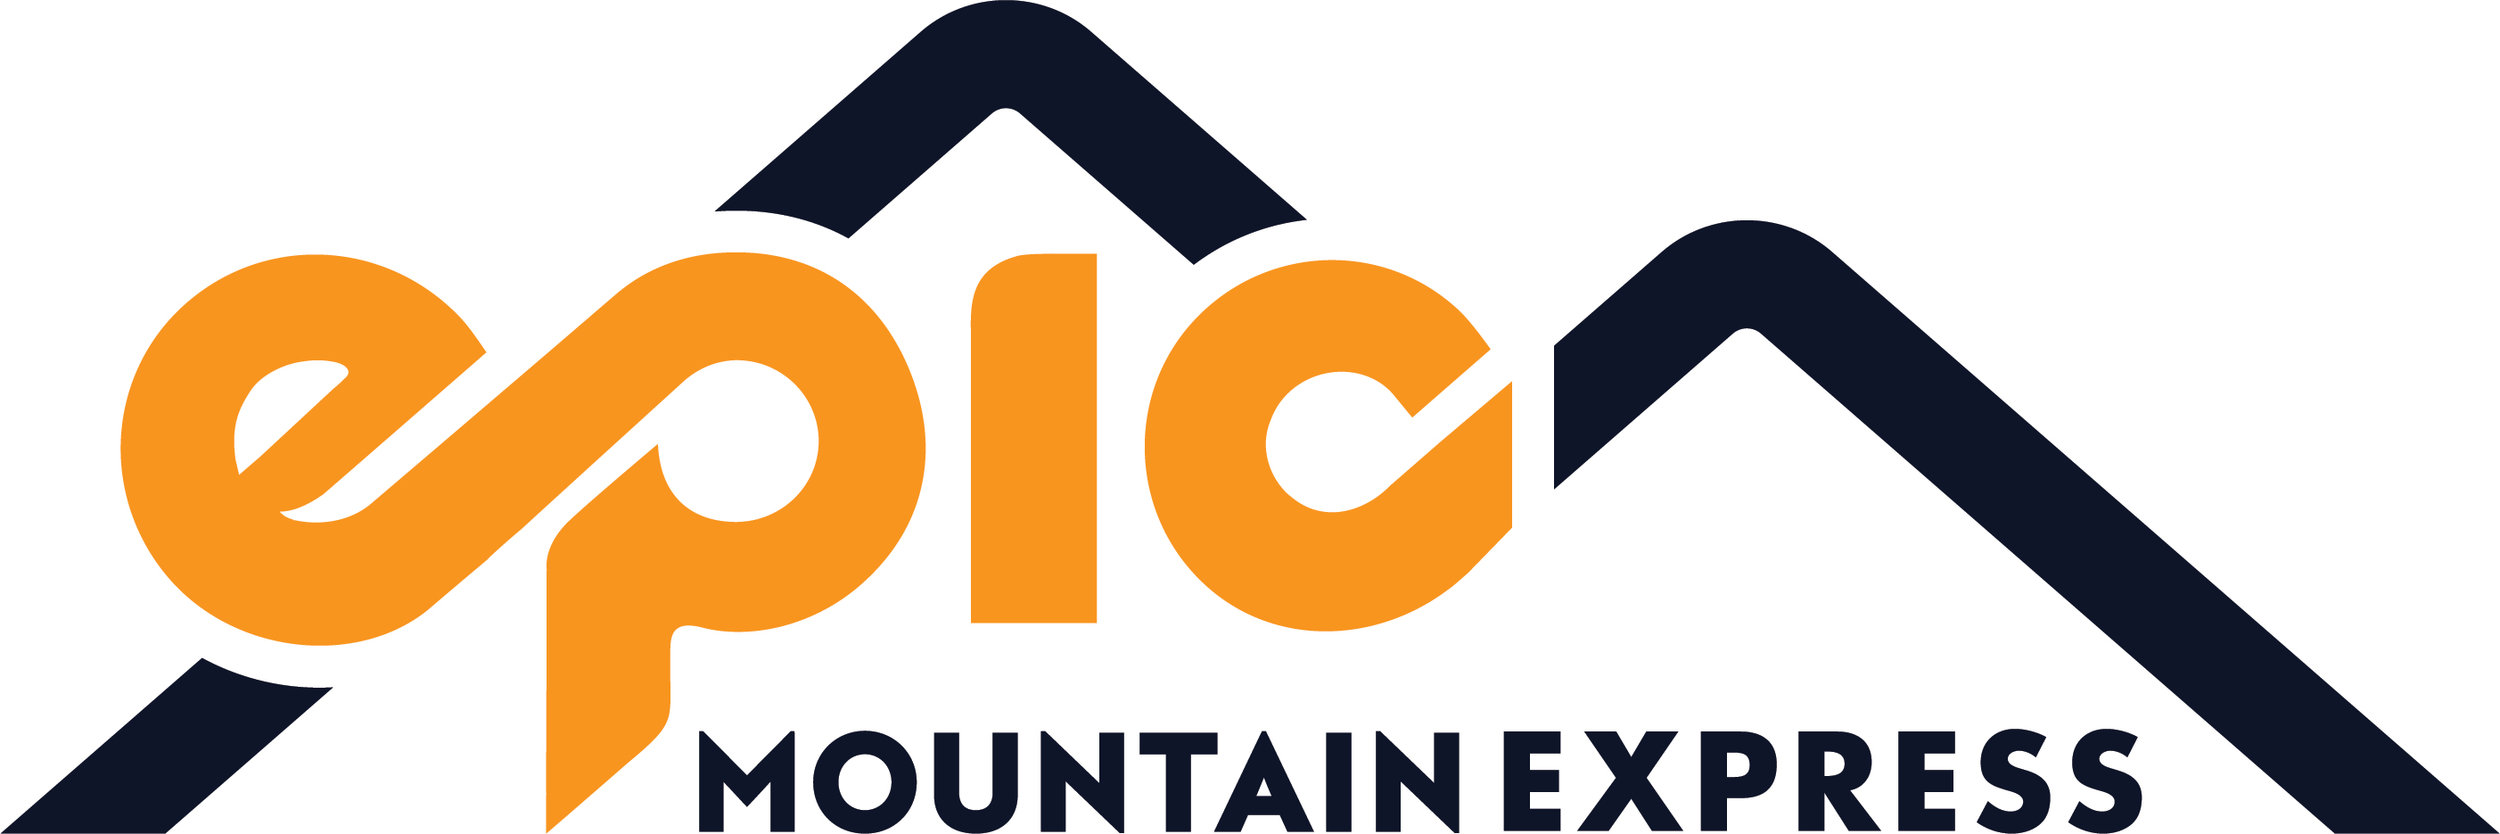 EPIC Mountain Express Logo.jpg